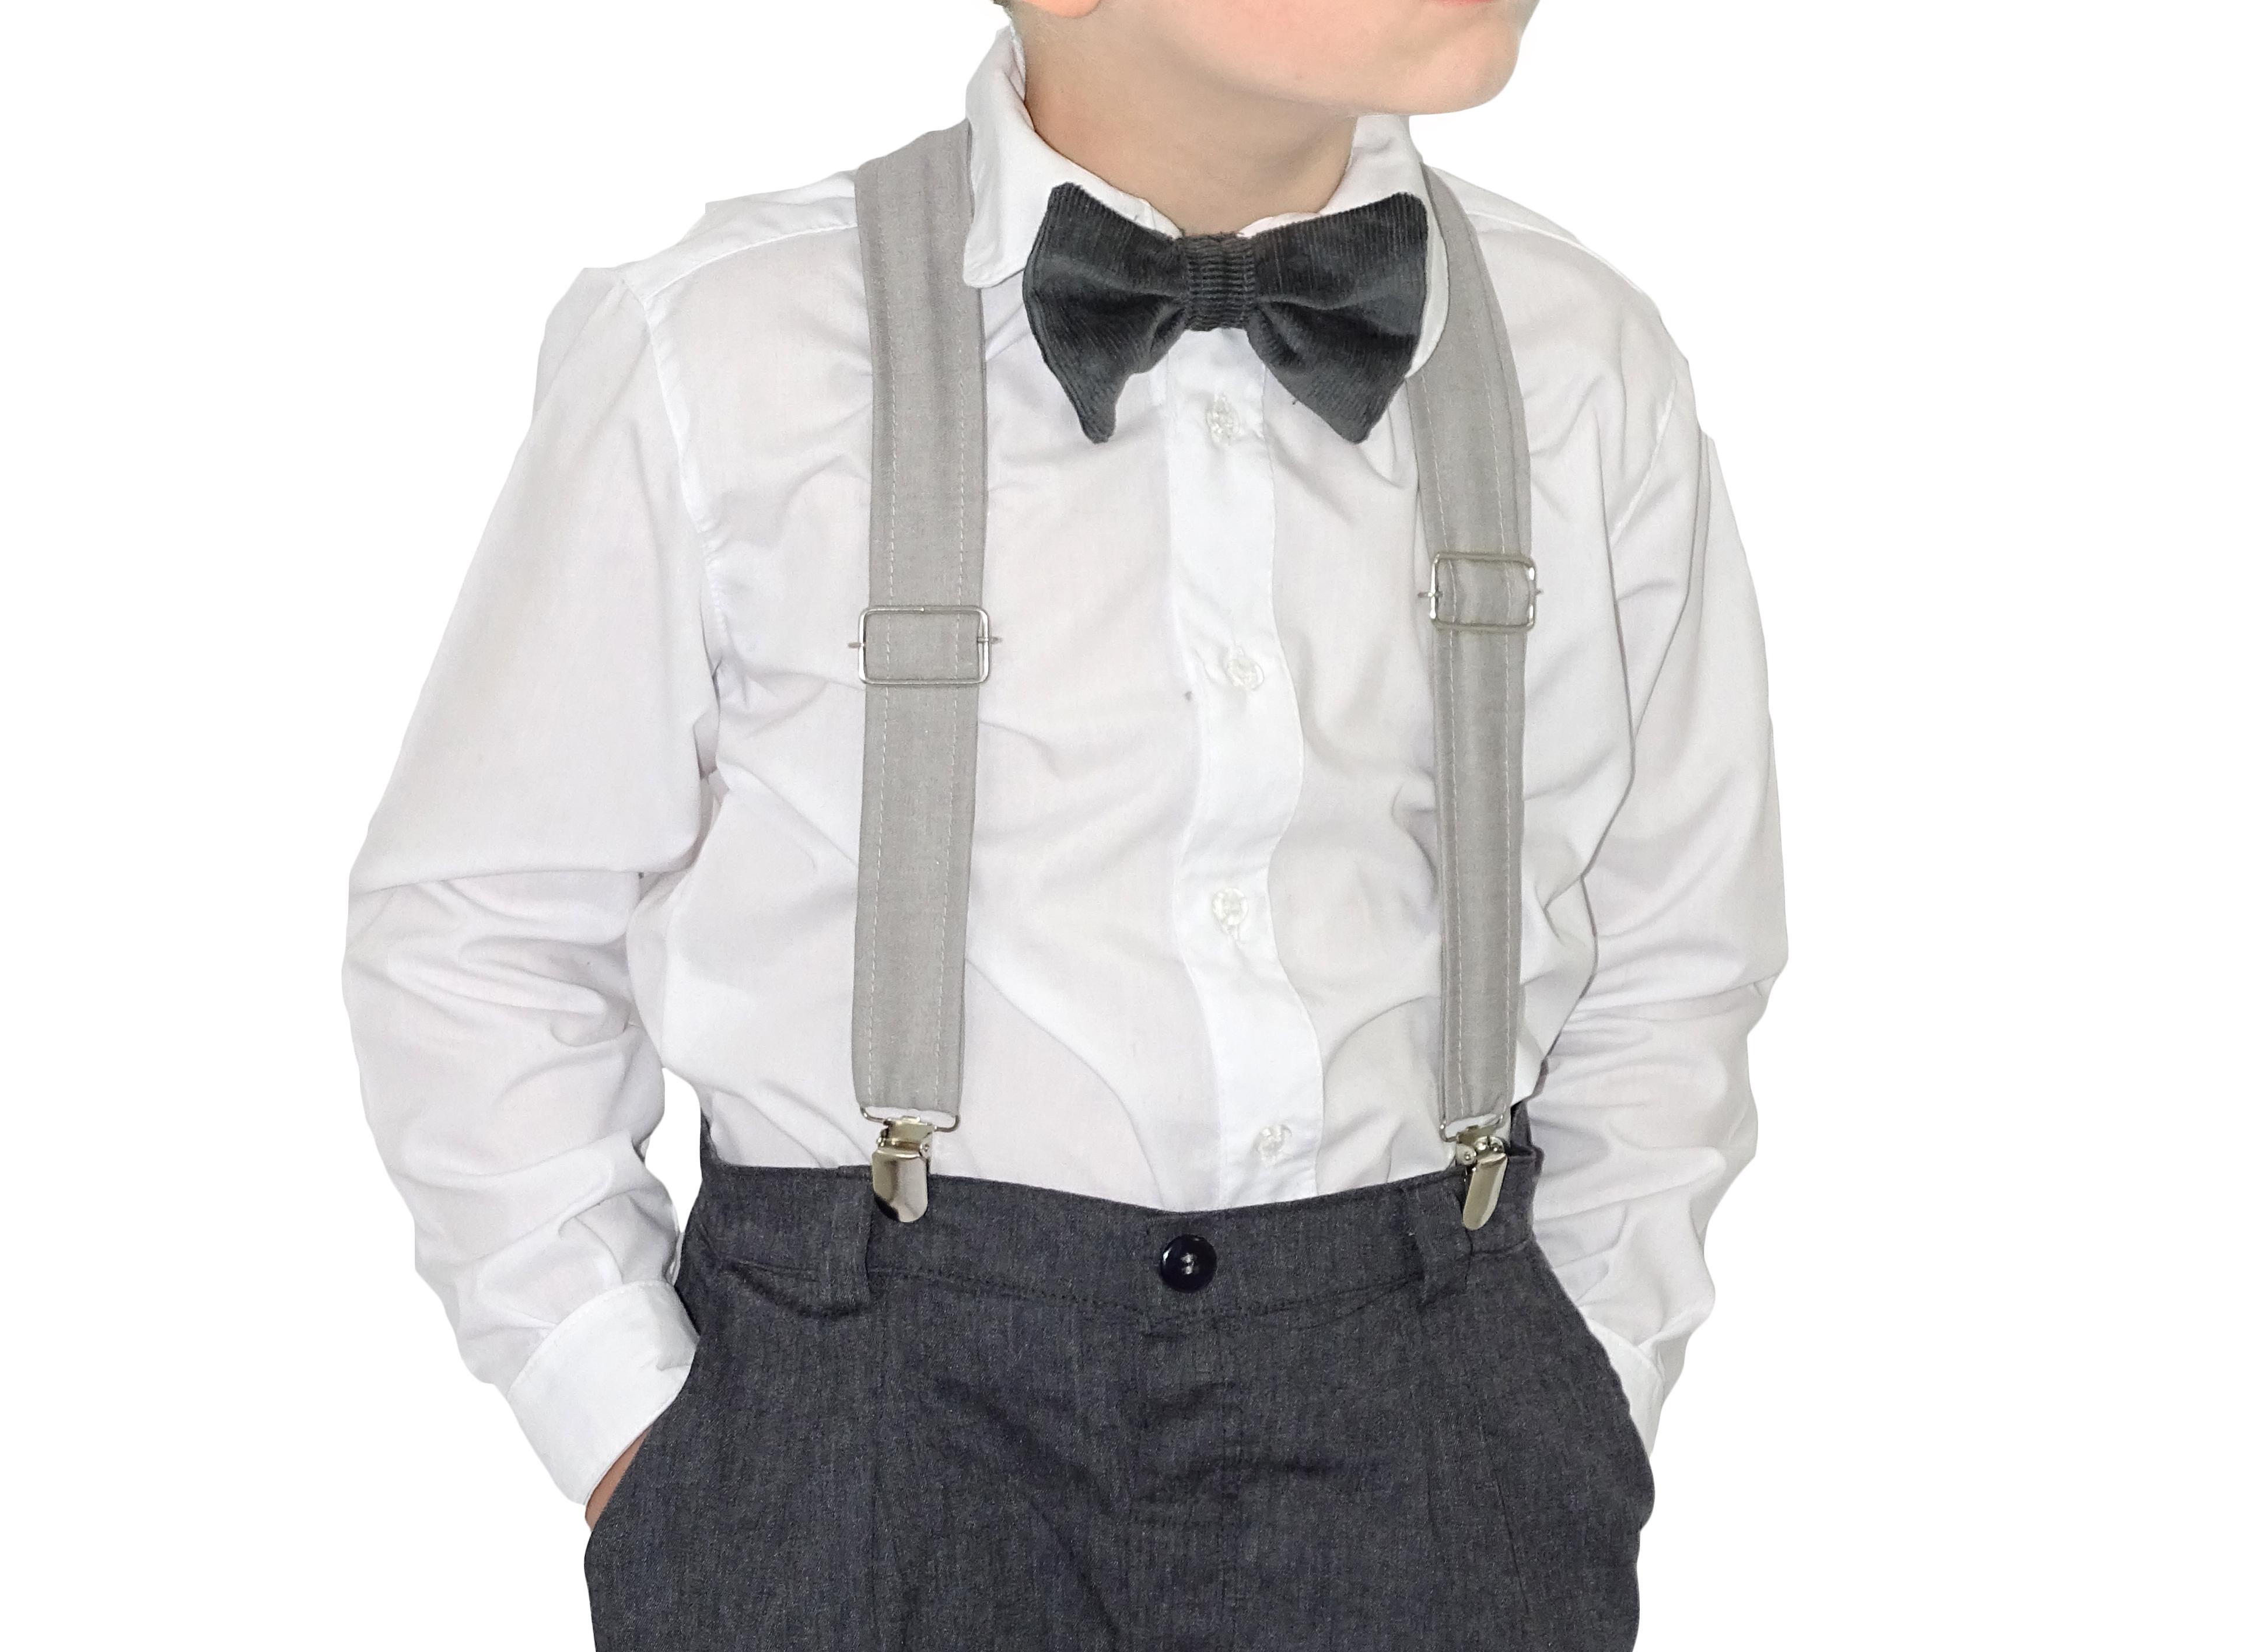 a9e0584de9 Camisa Branca Social Infantil no Elo7